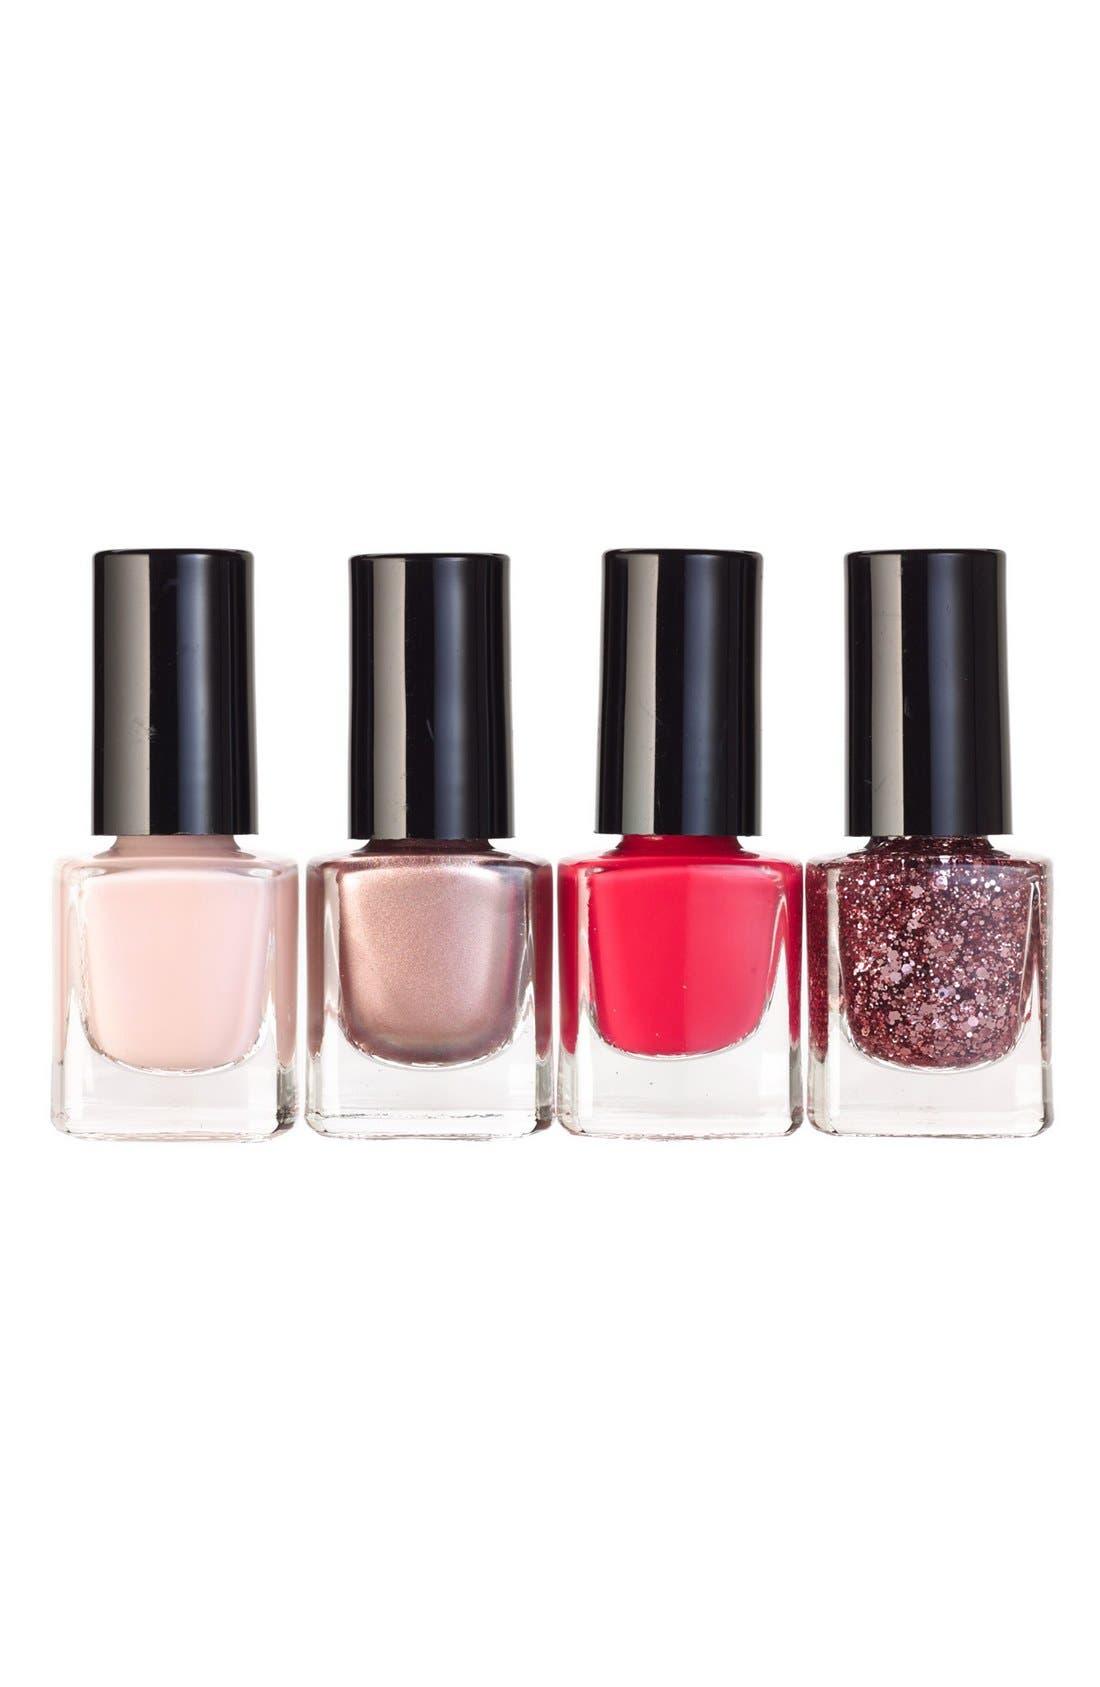 mini nail polish set, Main, color, 974